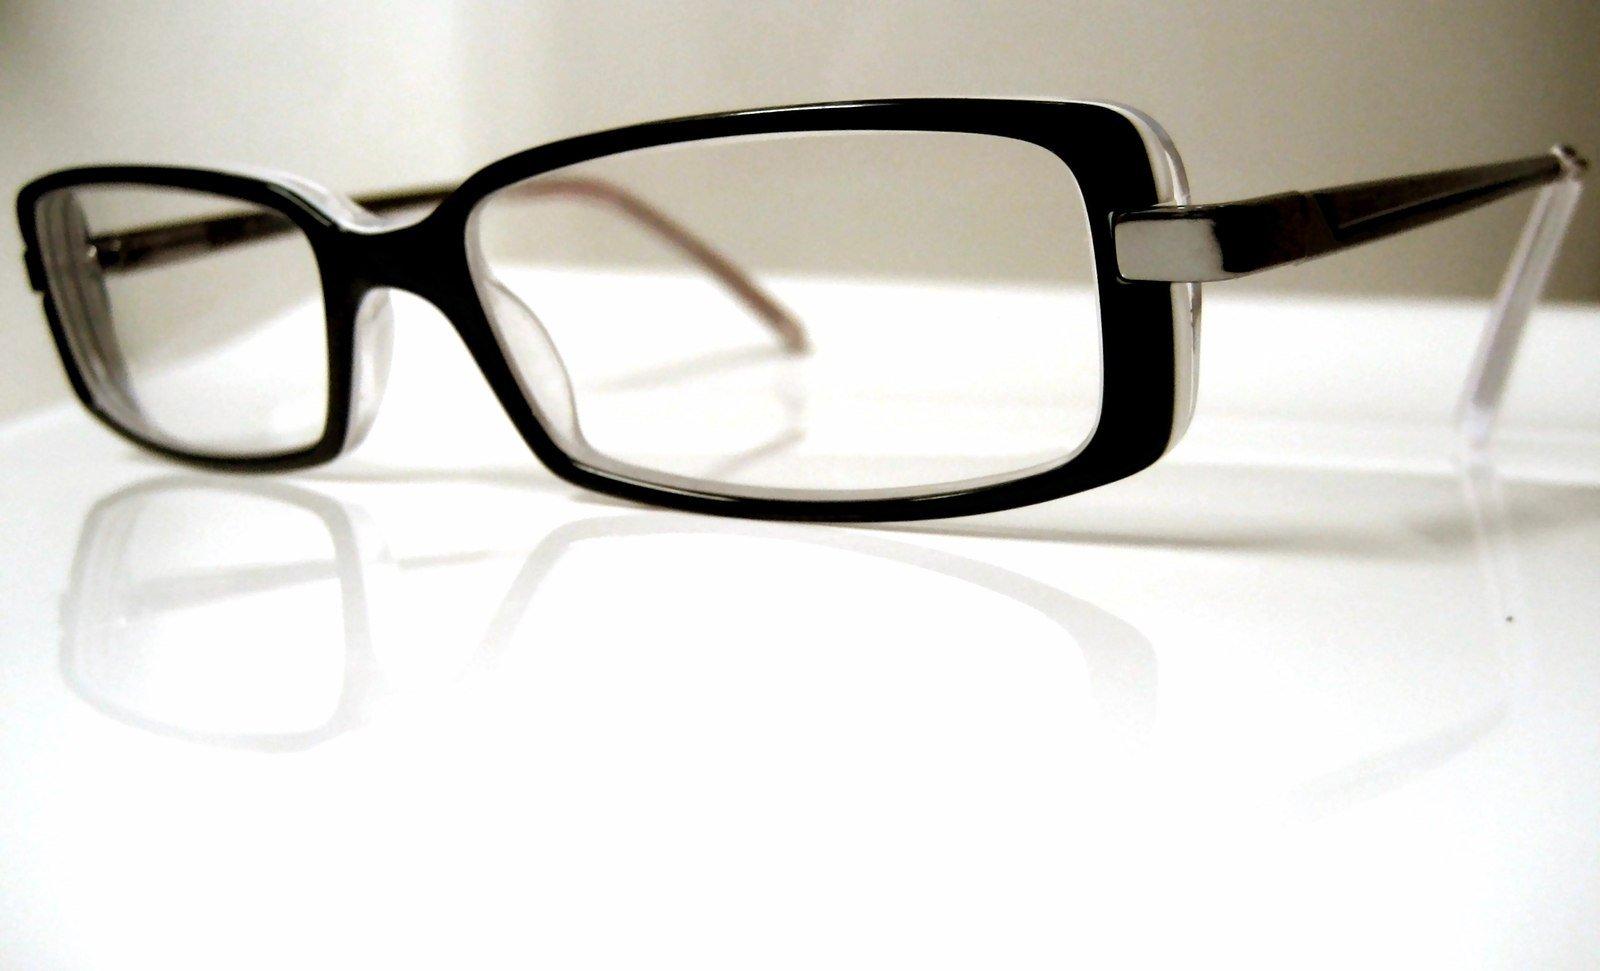 mikrofasertuch Brille auf dem Tisch